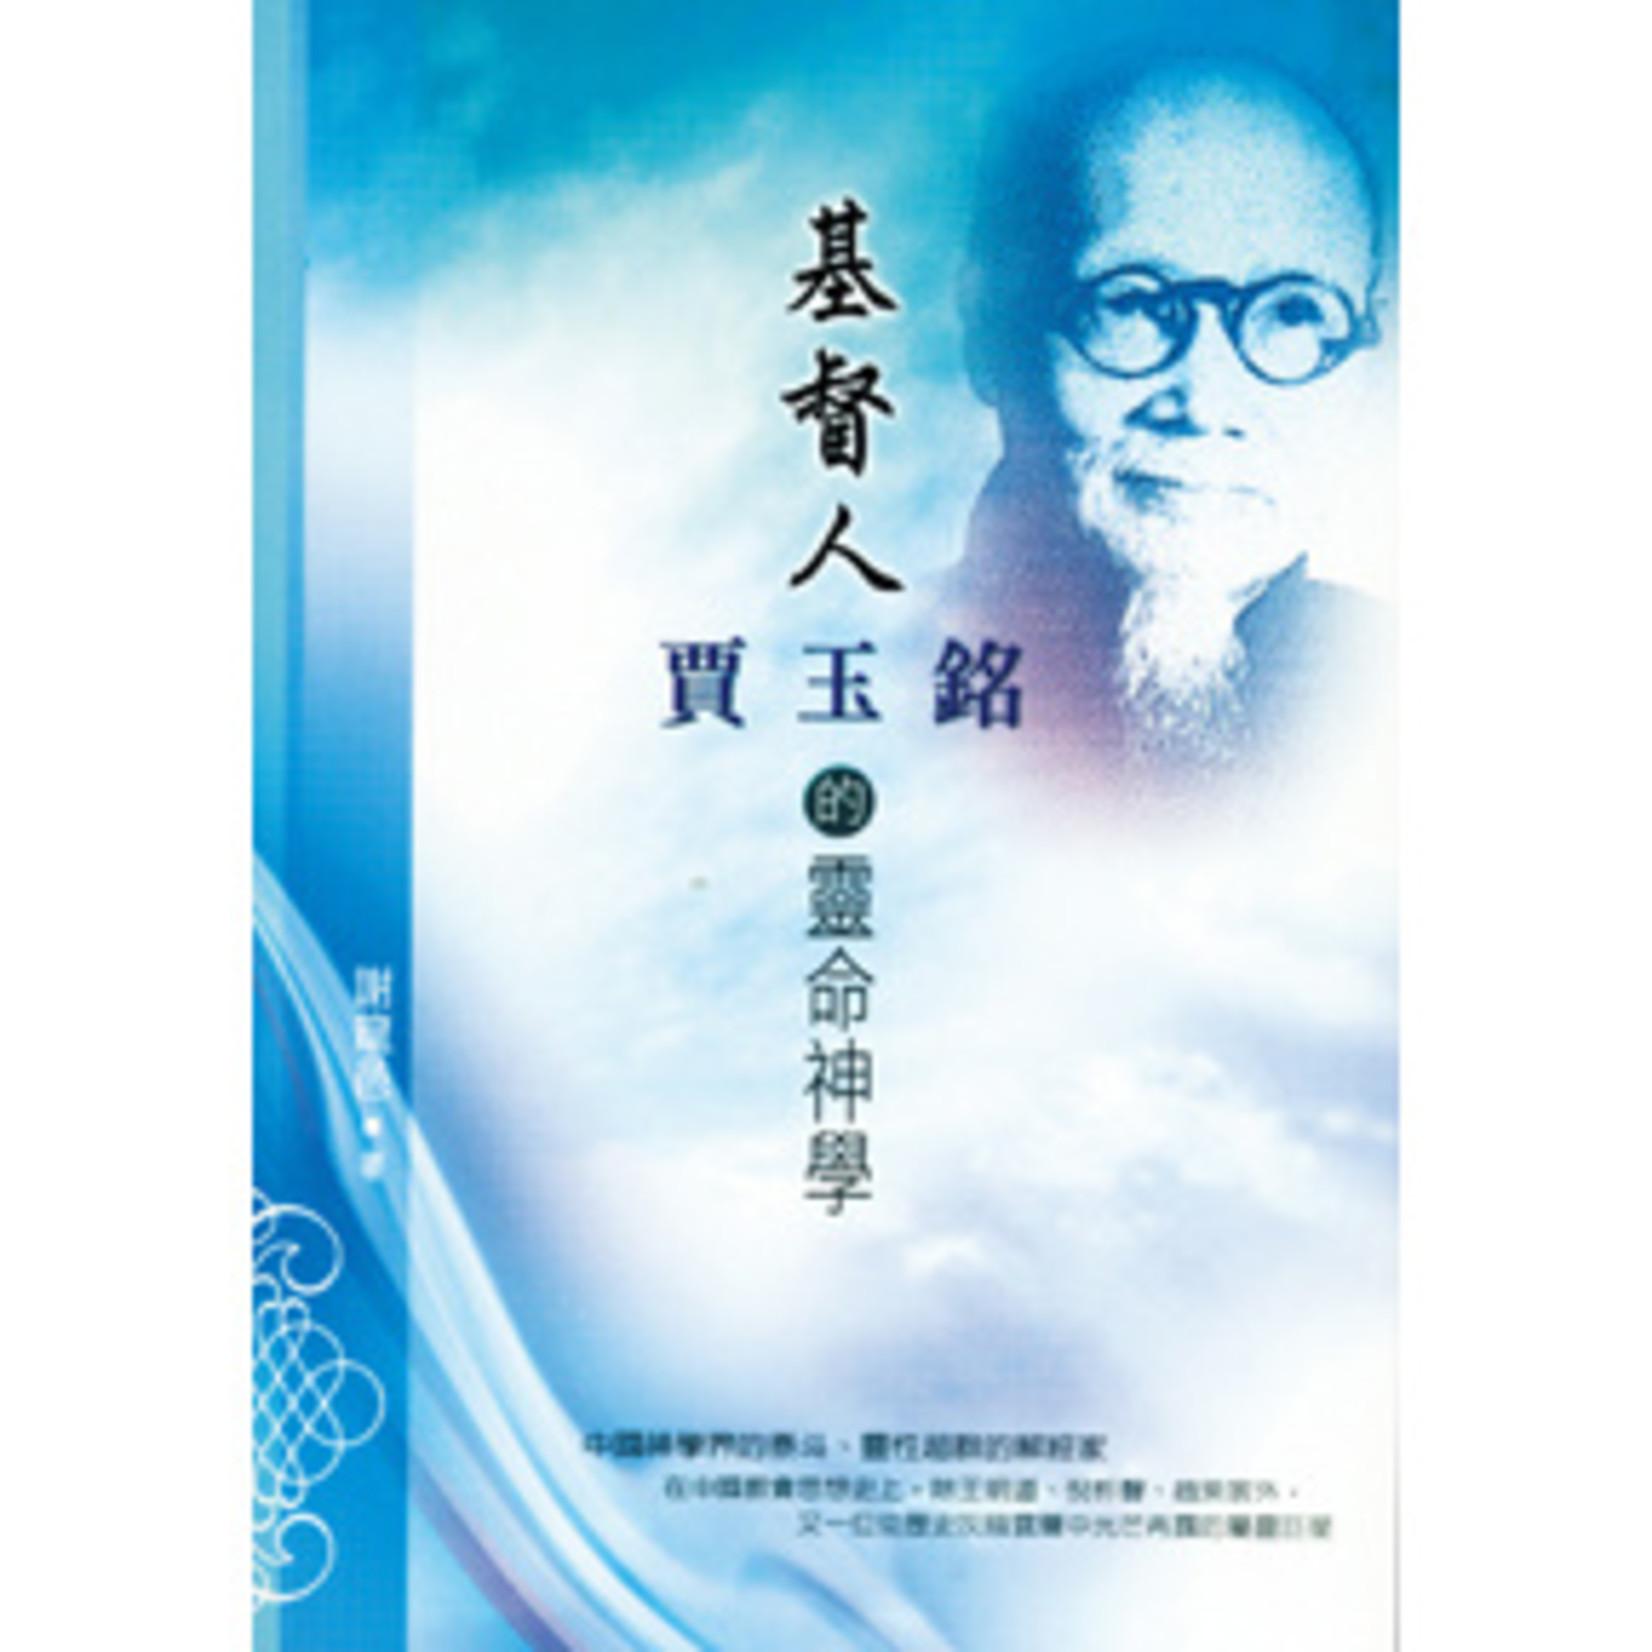 中華福音神學院 China Evangelical Seminary 基督人:賈玉銘的靈命神學